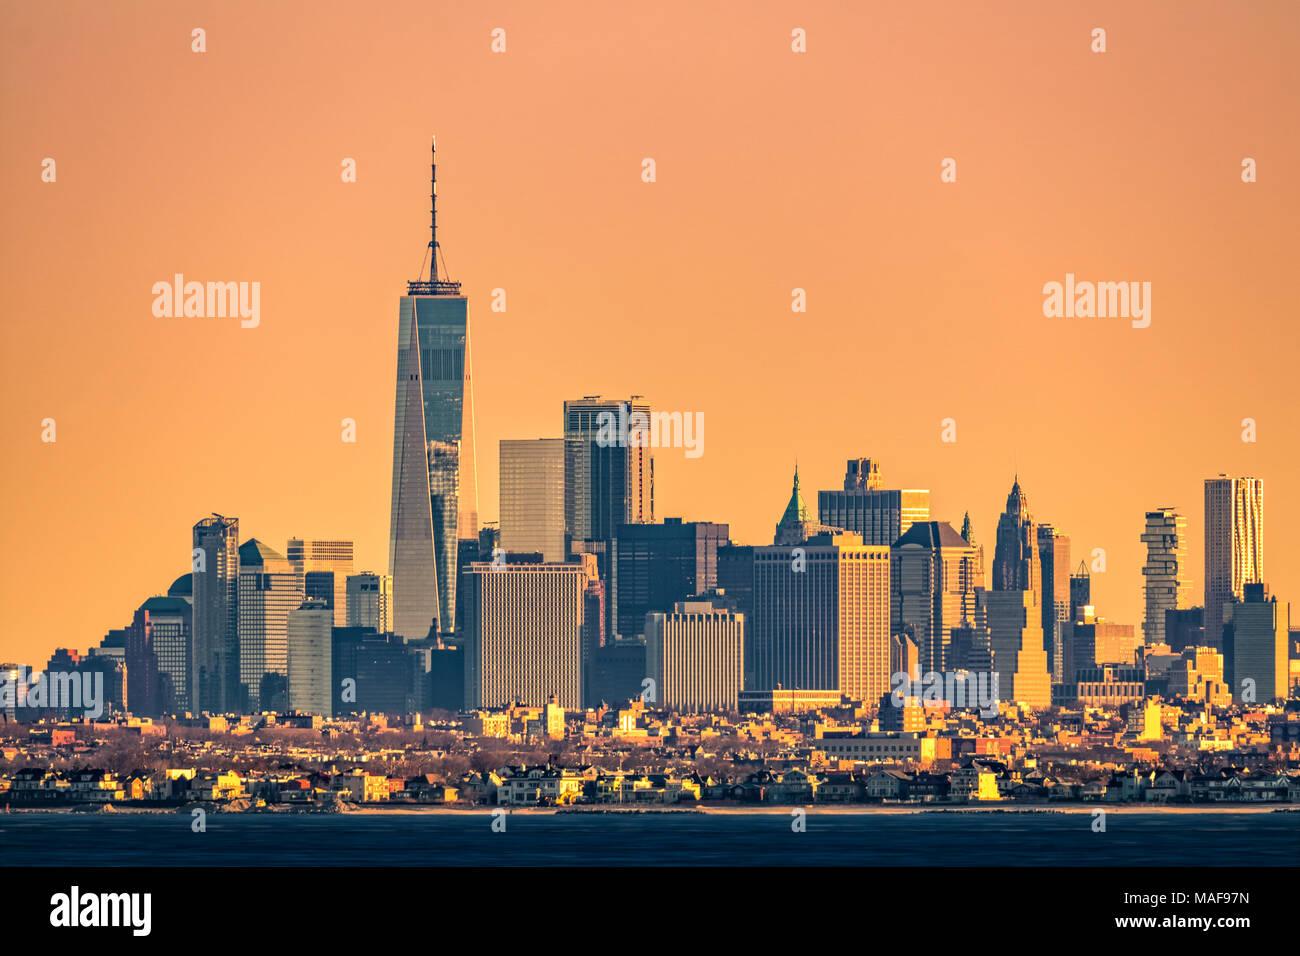 New York Skyline Hochhaus mit flaches Brooklyn Borough im Vordergrund, wie bei Sonnenaufgang gesehen, von Sandy Hook, New Jersey Stockbild